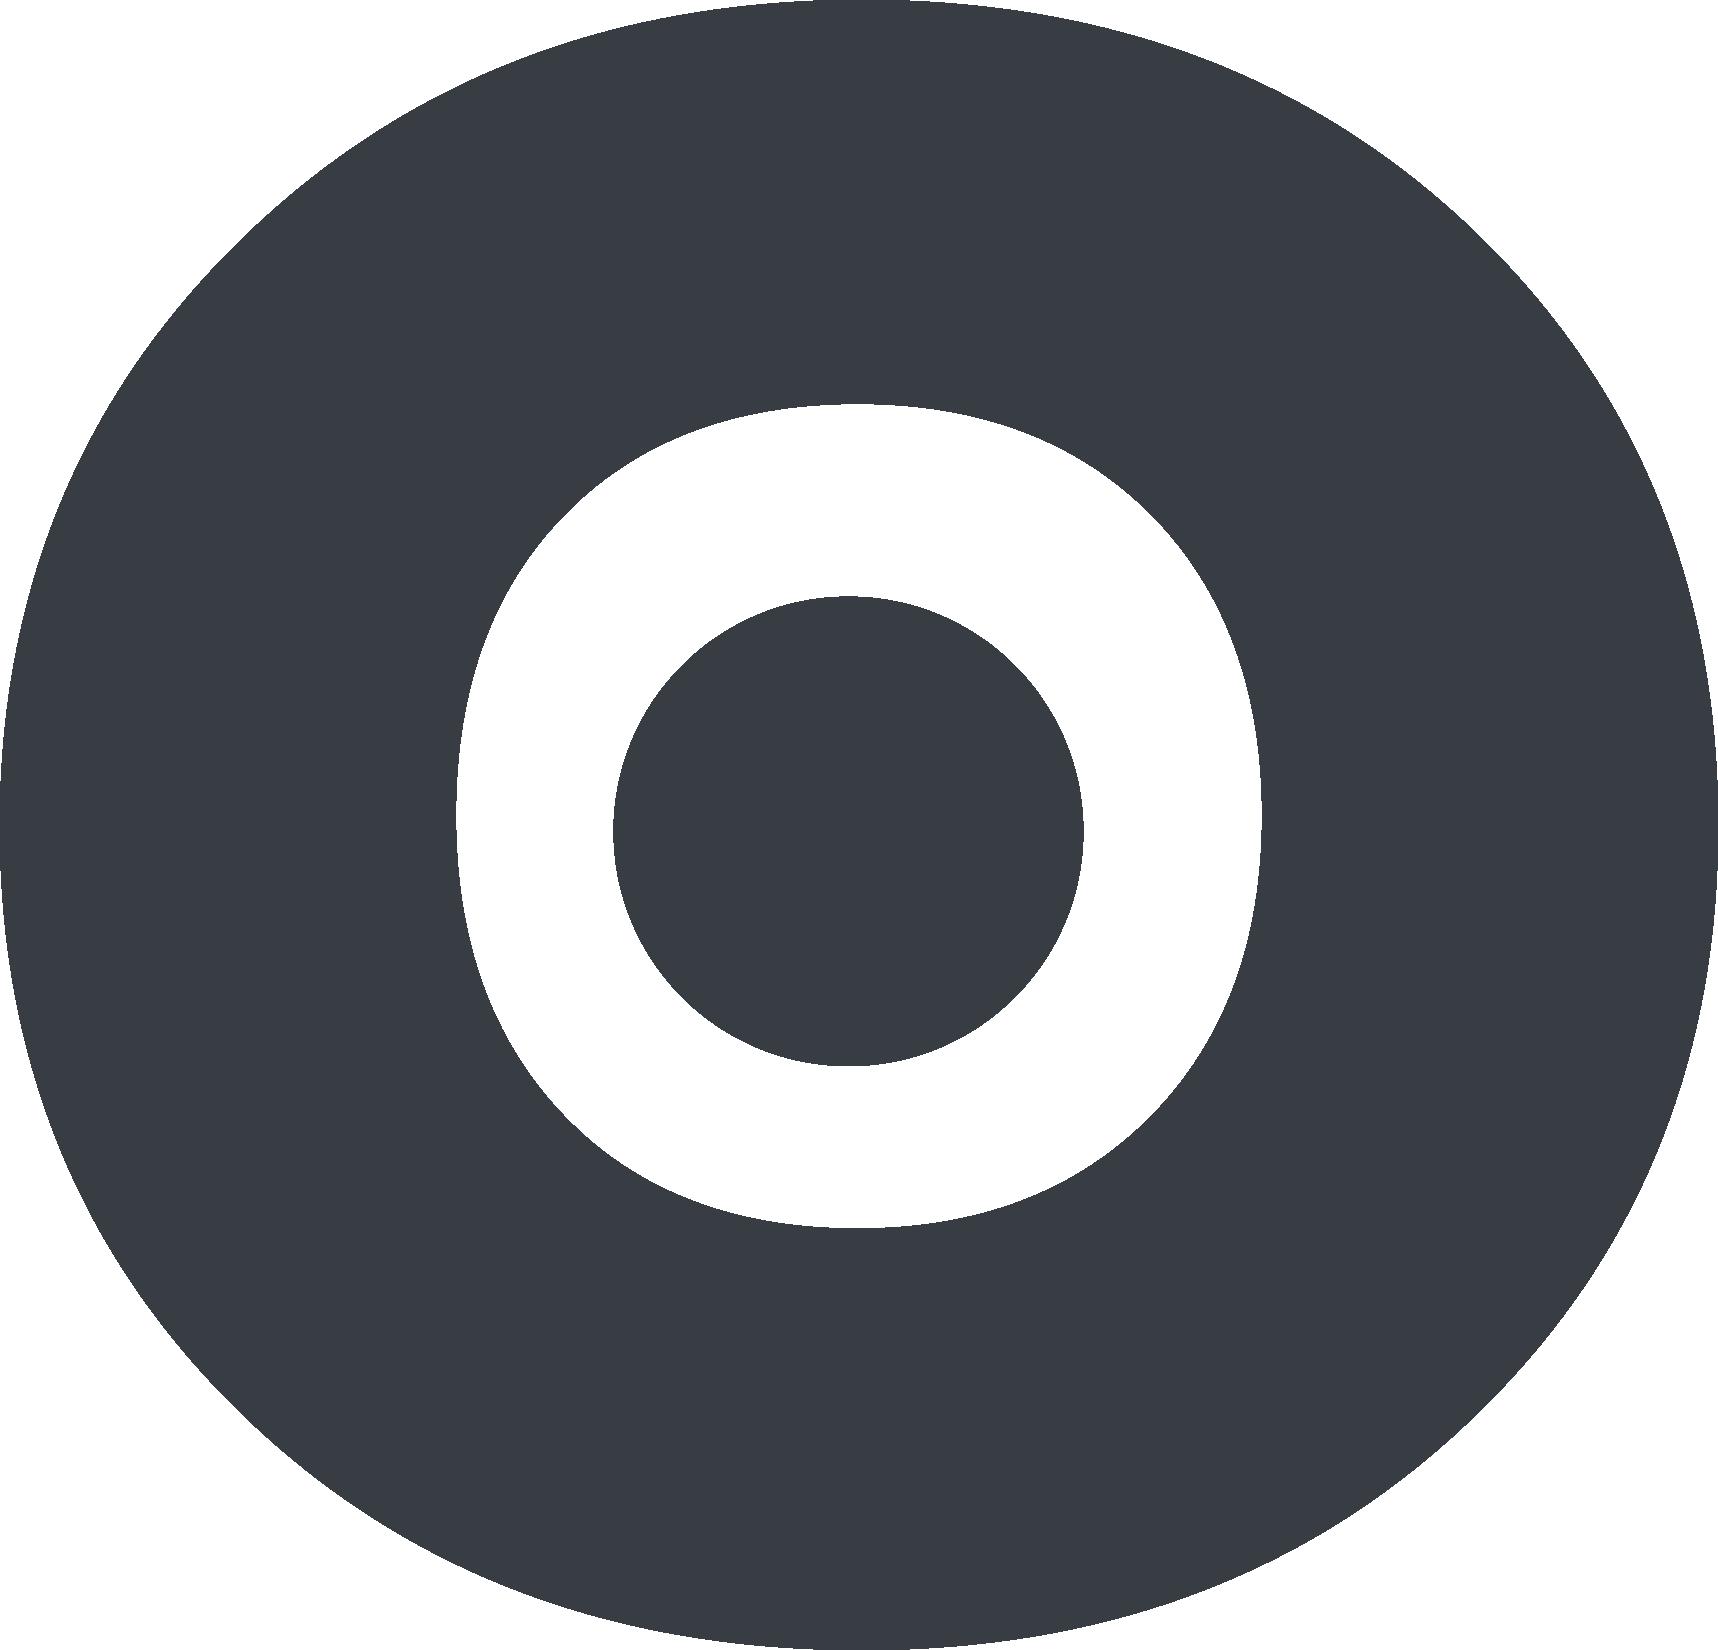 symbol transparent